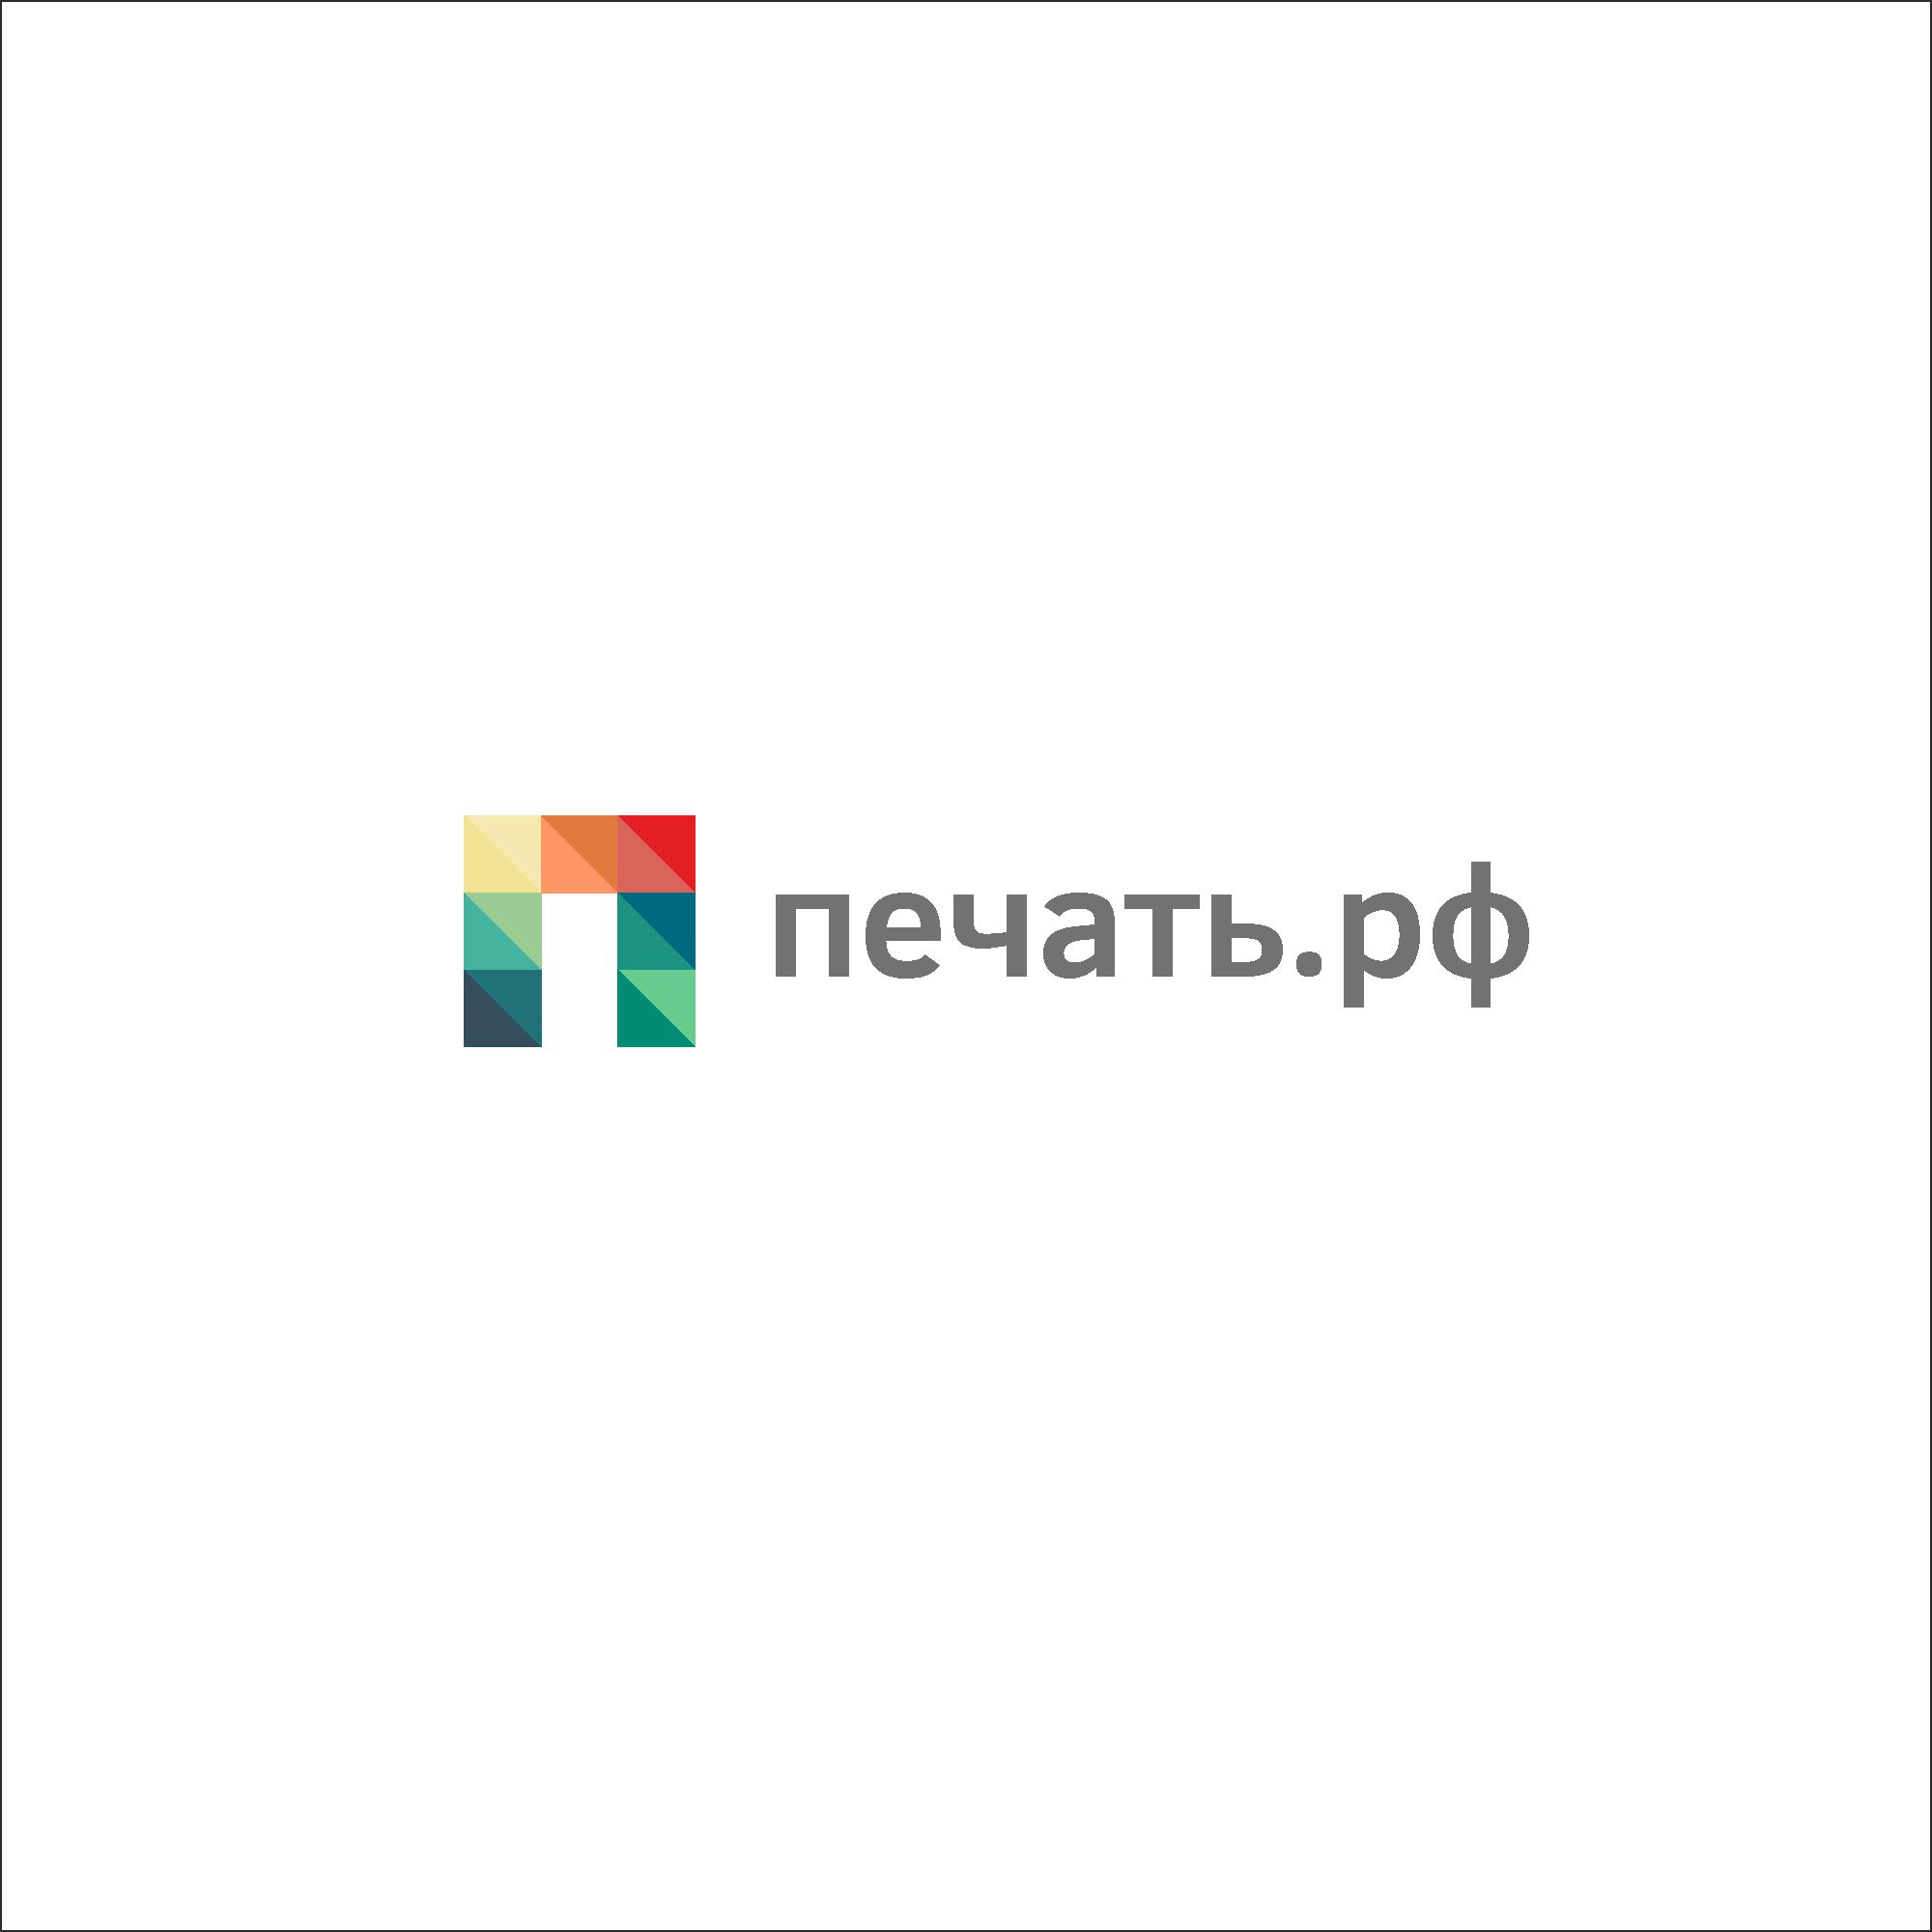 Логотип для веб-сервиса интерьерной печати и оперативной пол фото f_5155d29deb3473c6.png